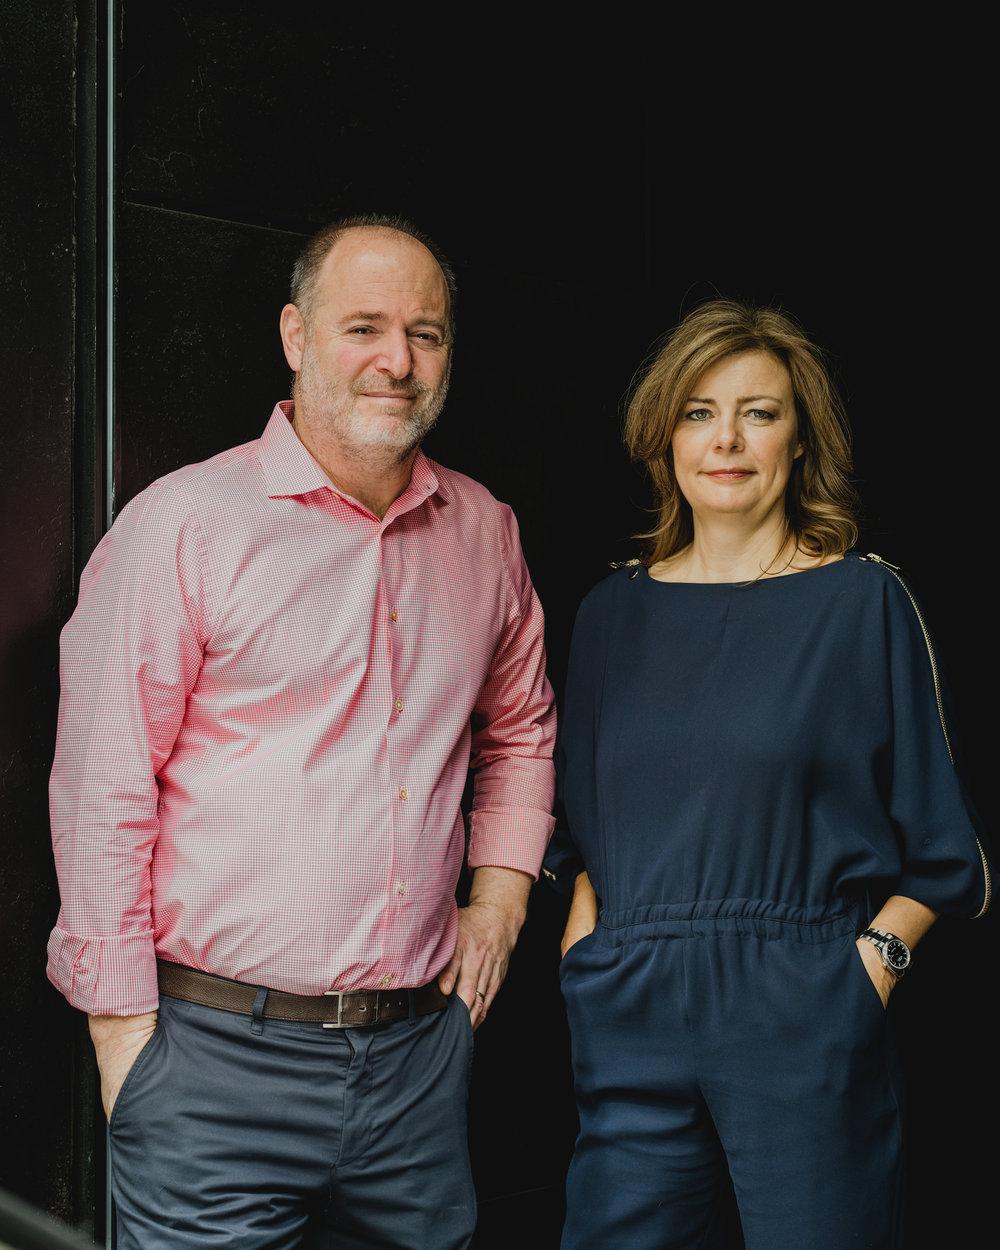 Michael & Lindsay Tusk